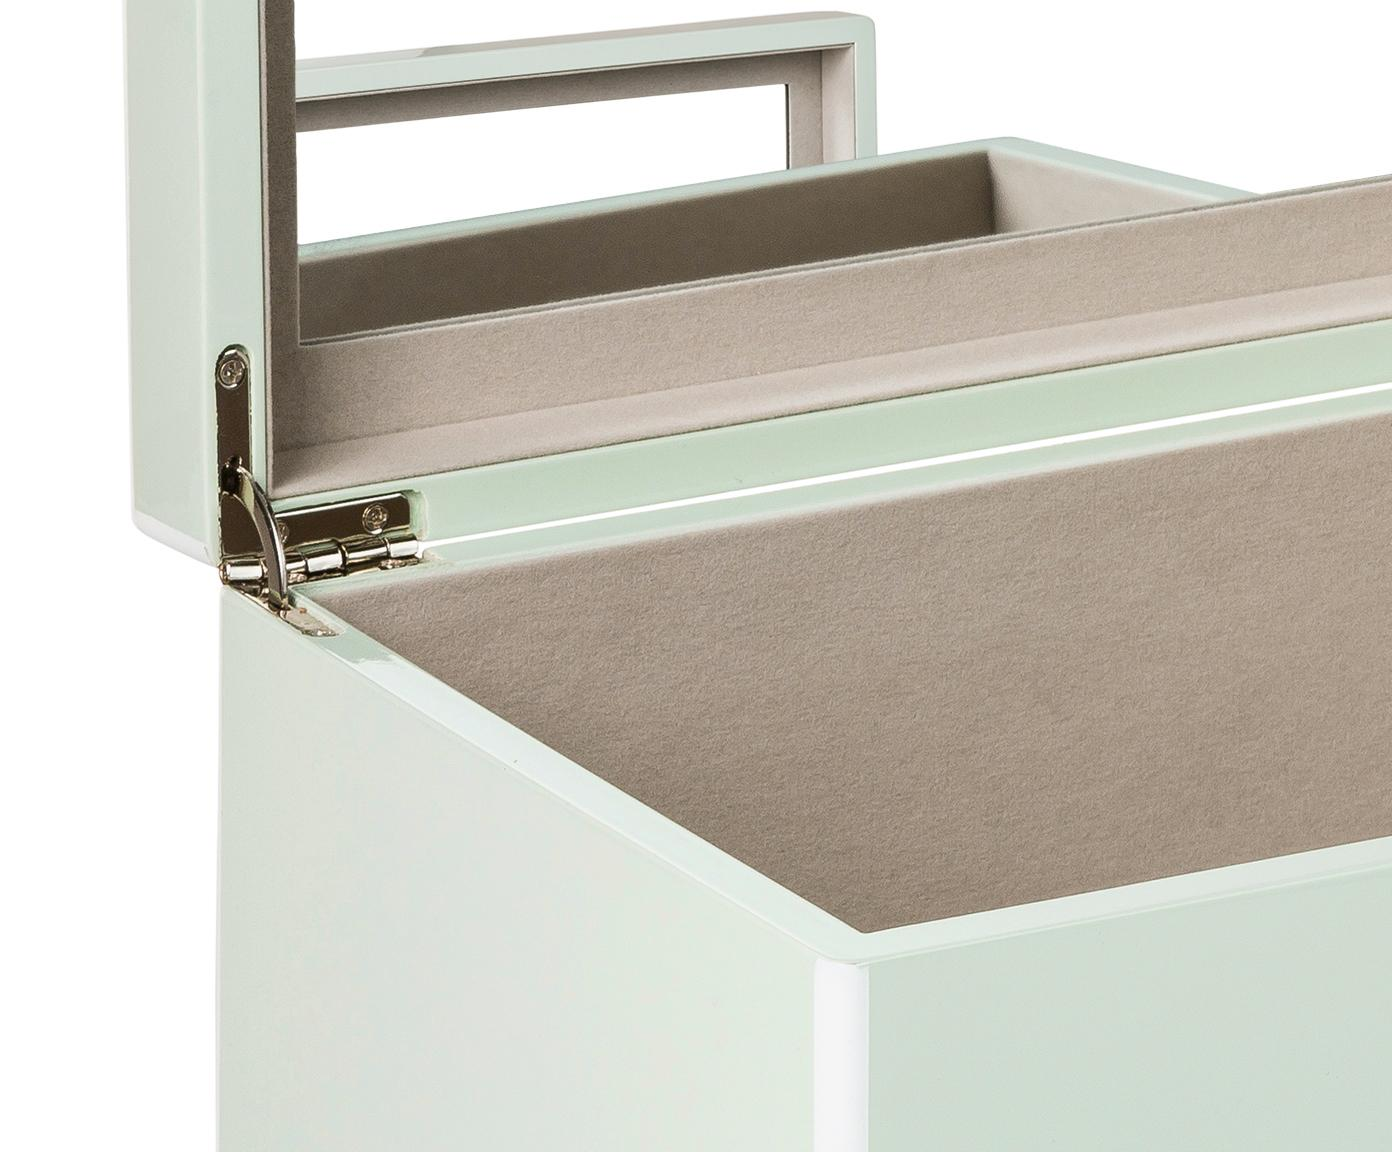 Schmuckbox Taylor mit Spiegel, Unterseite: Samt zur Schonung der Möb, Mint, 26 x 13 cm